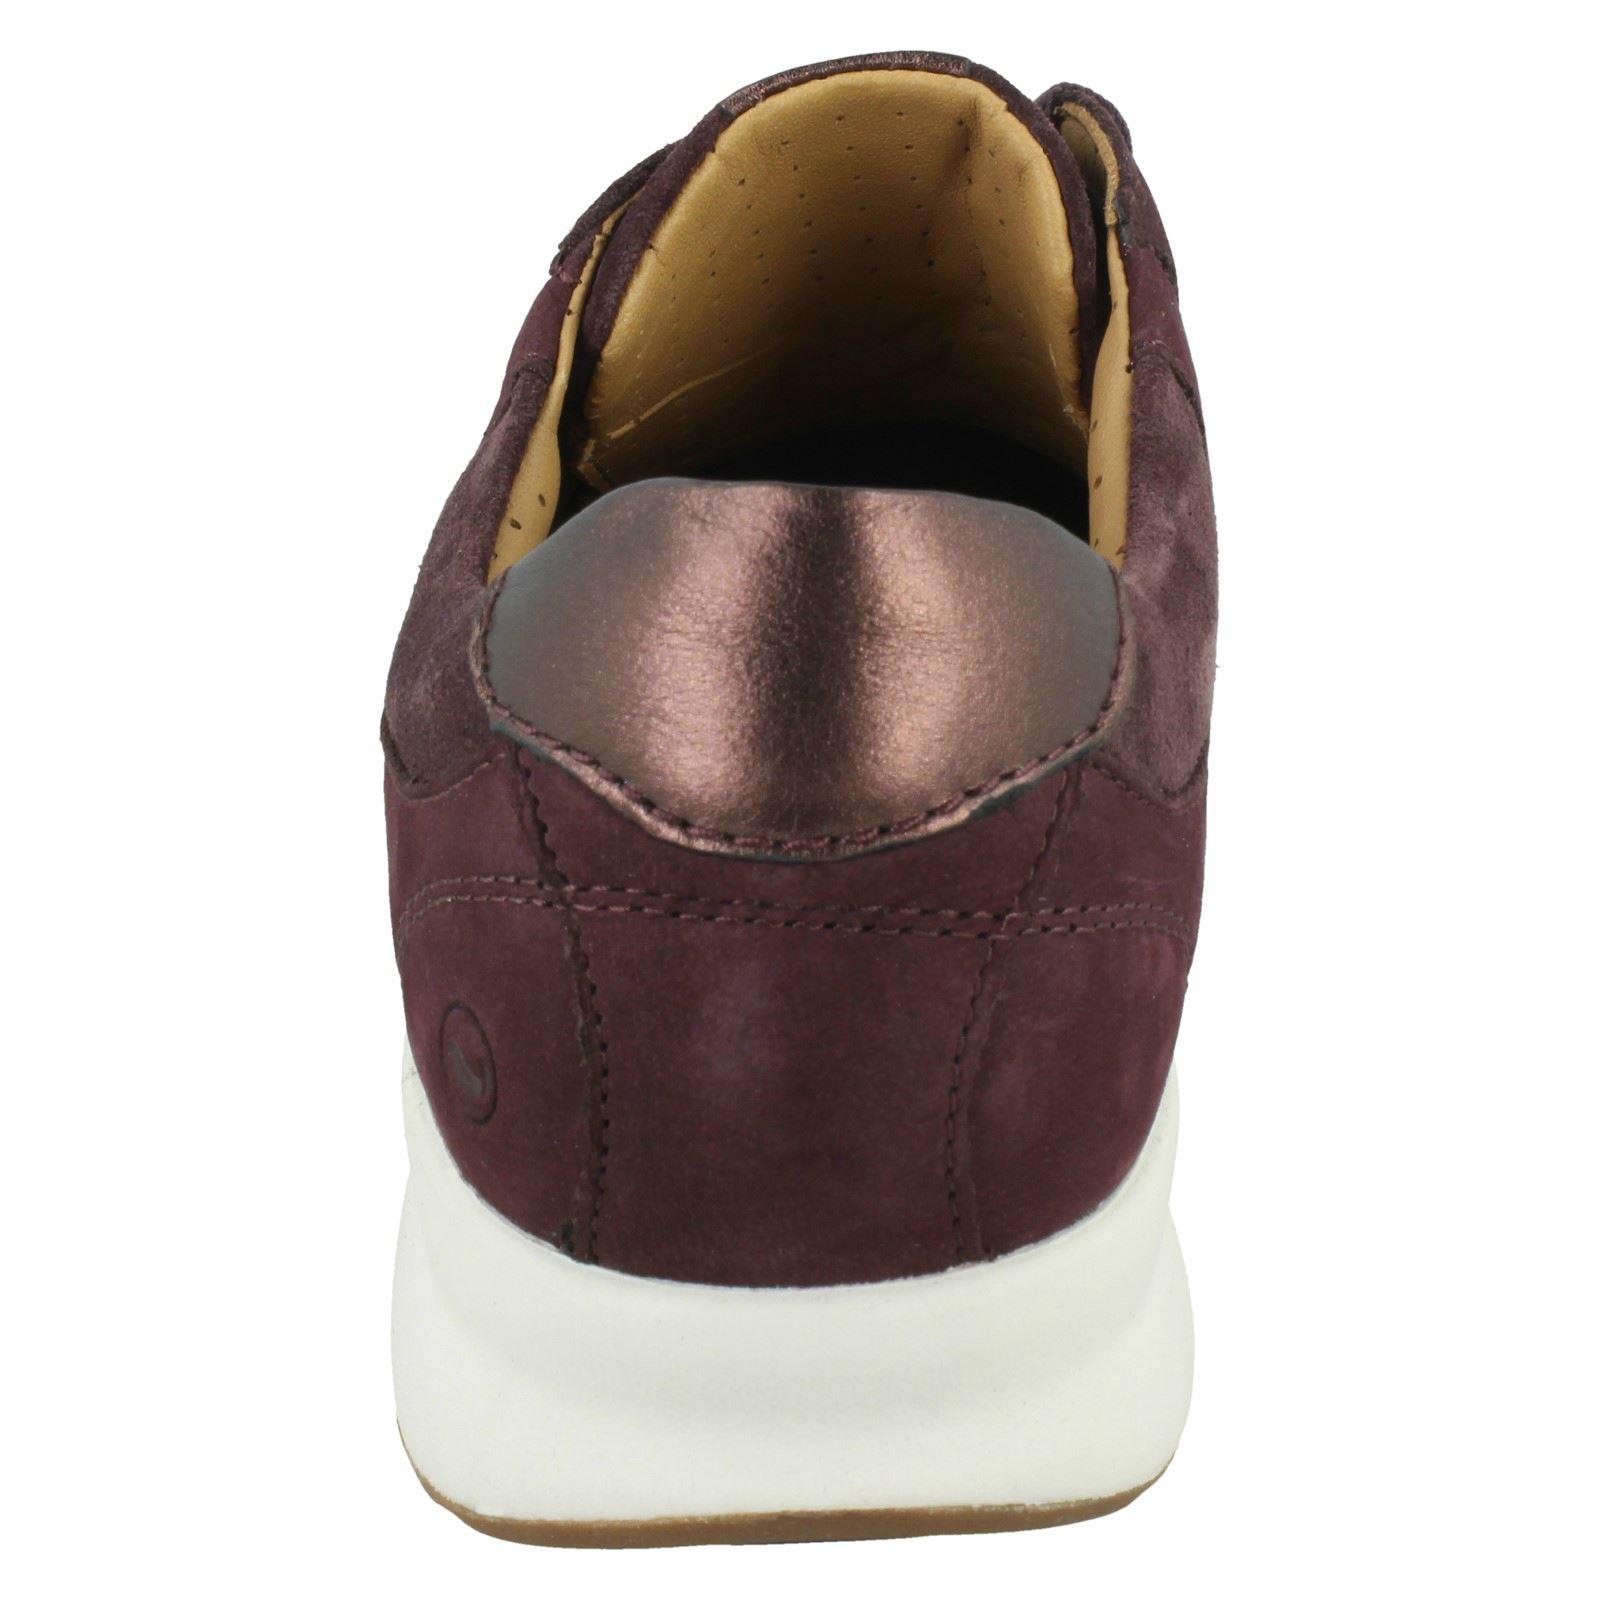 Ladies Clarks Un Adorn Lace Unstructured Lace Up Shoes